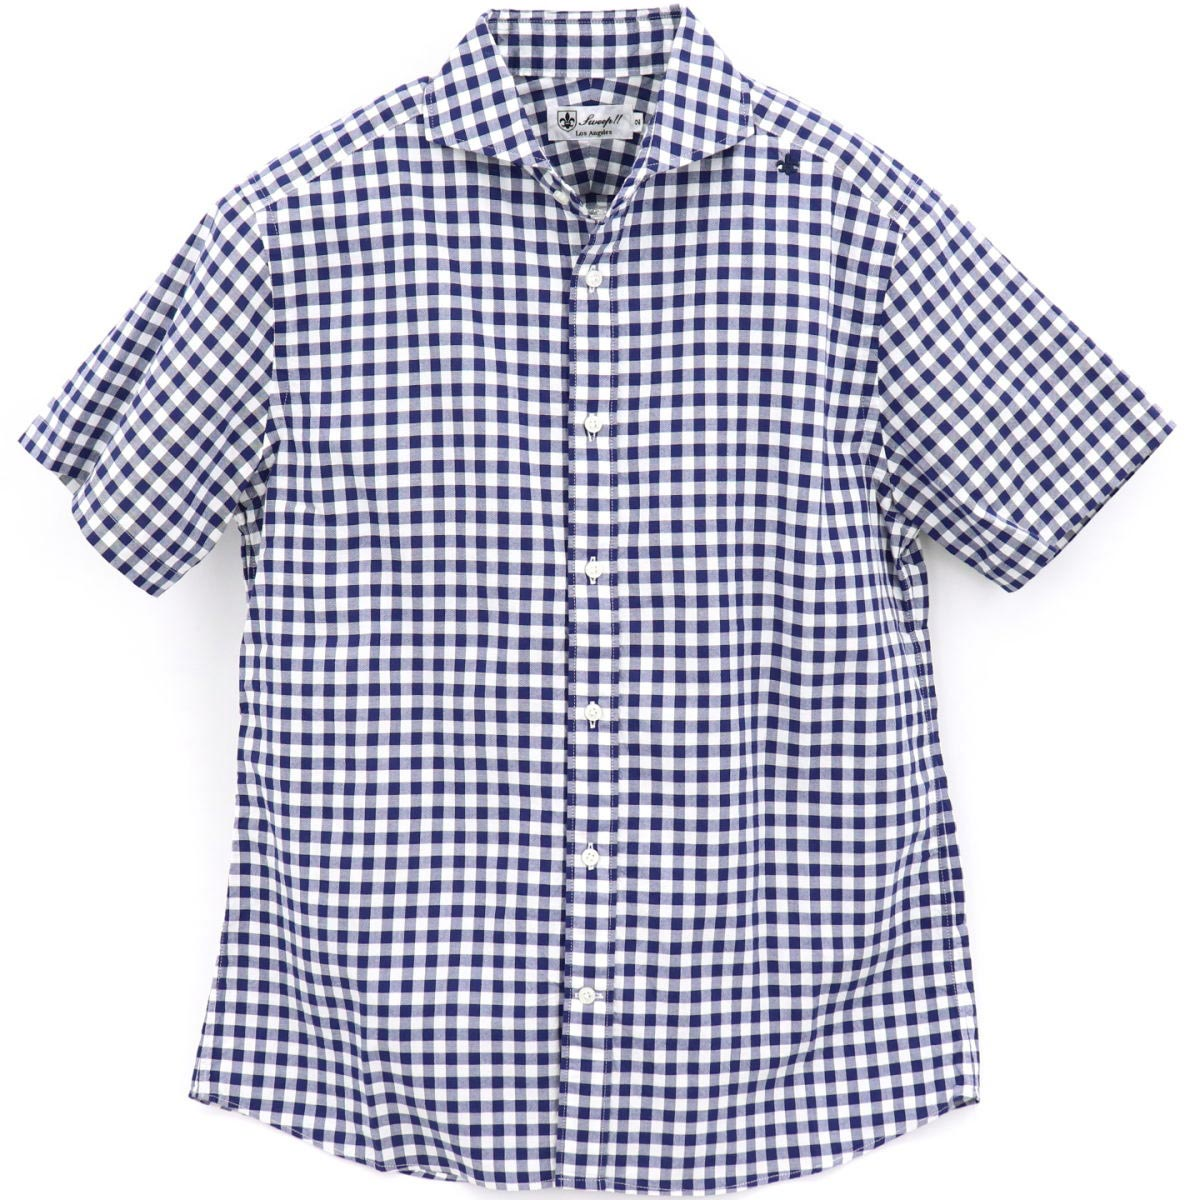 ギンガムチェック ホリゾンタルカラーシャツ 半袖(BLUE)